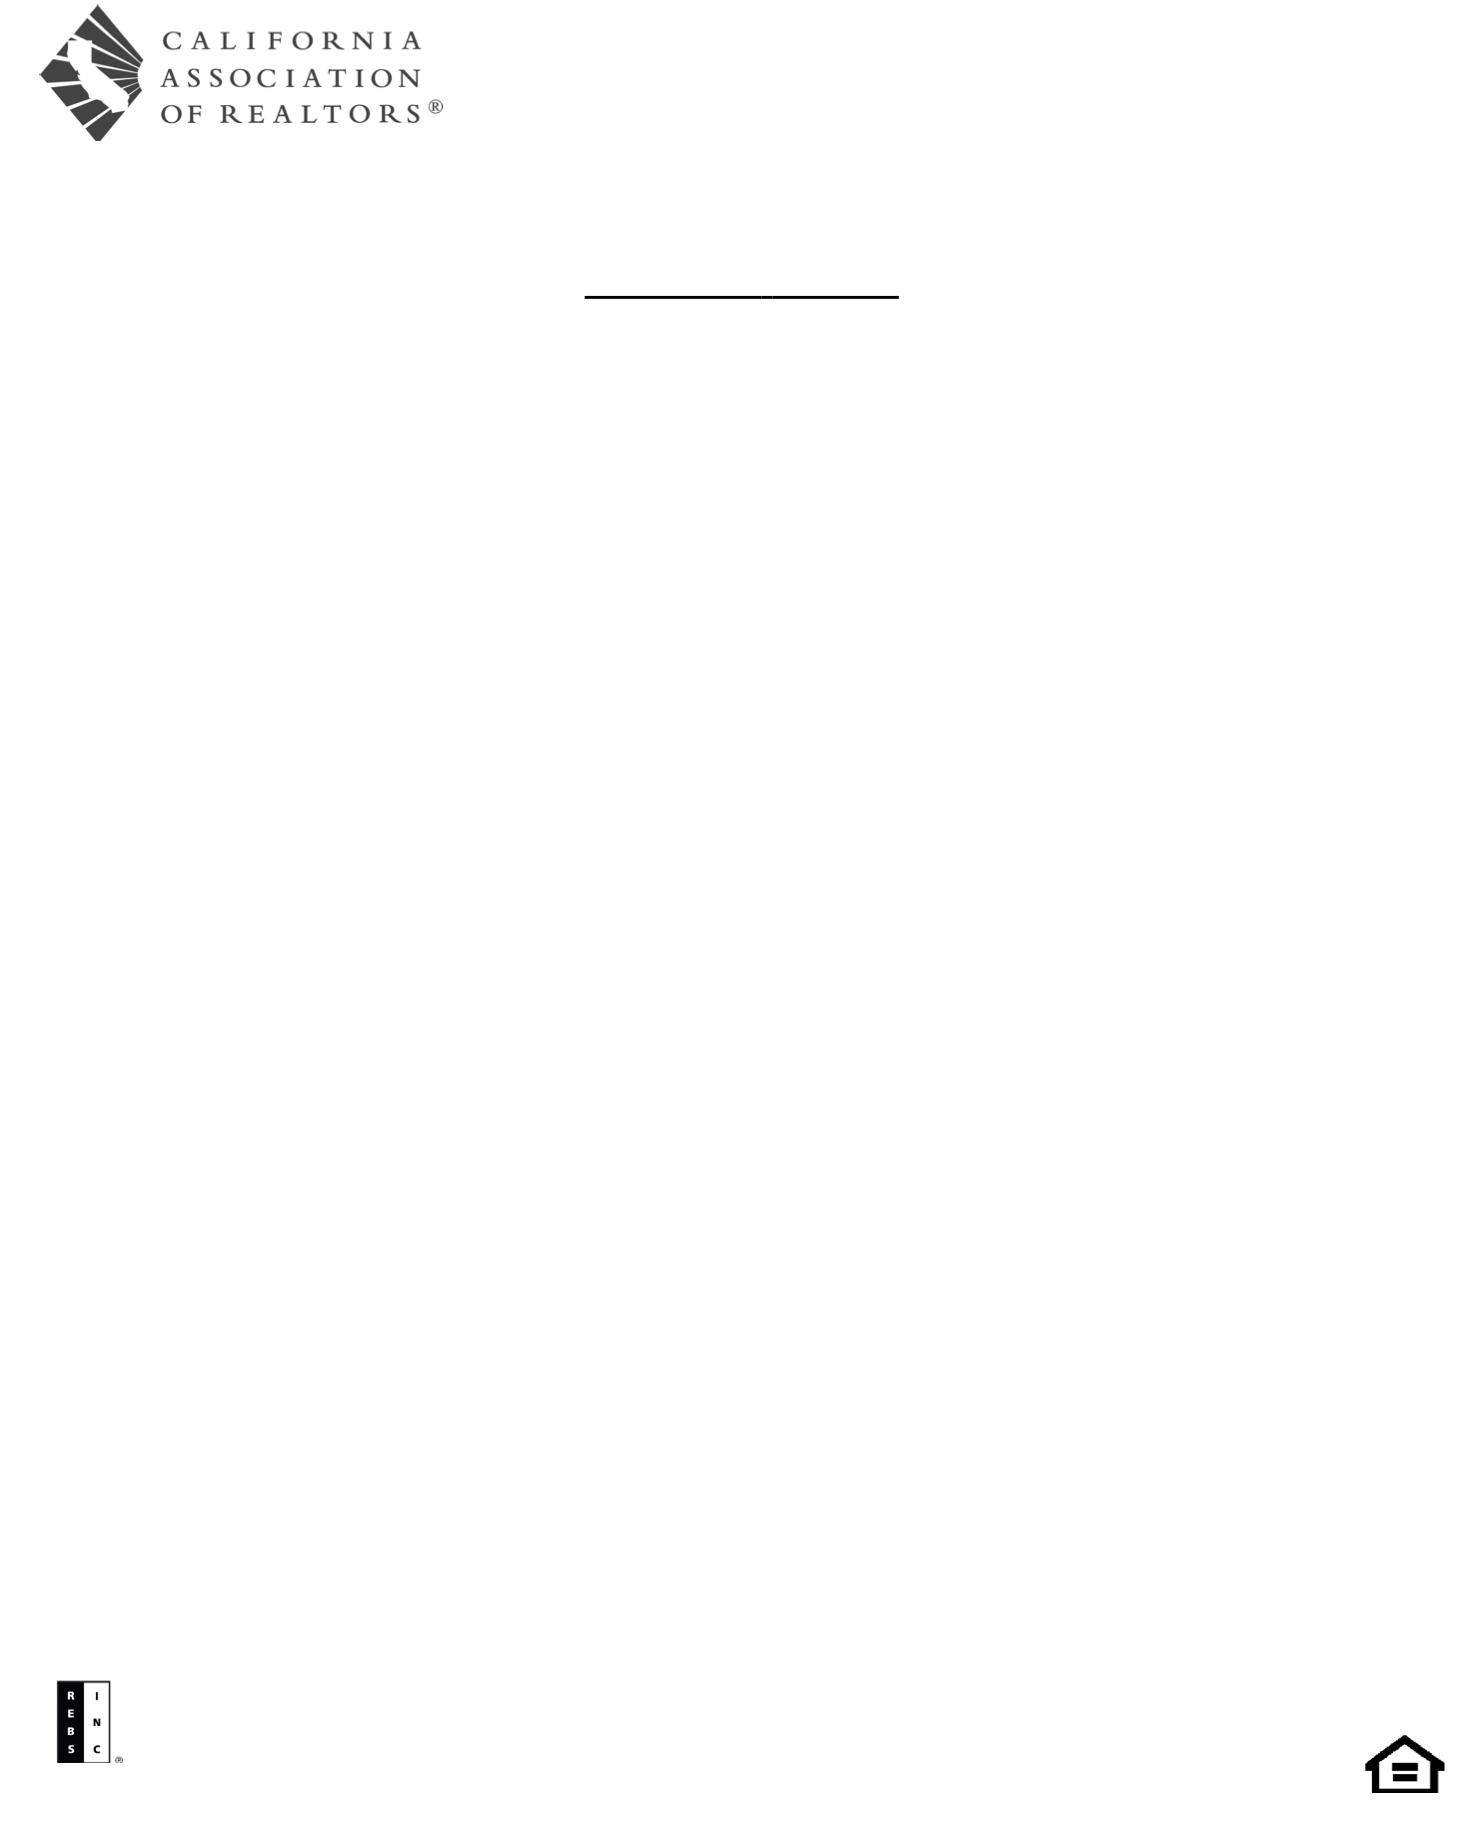 Screen Shot 2017-01-03 at 10.38.45 AM.png